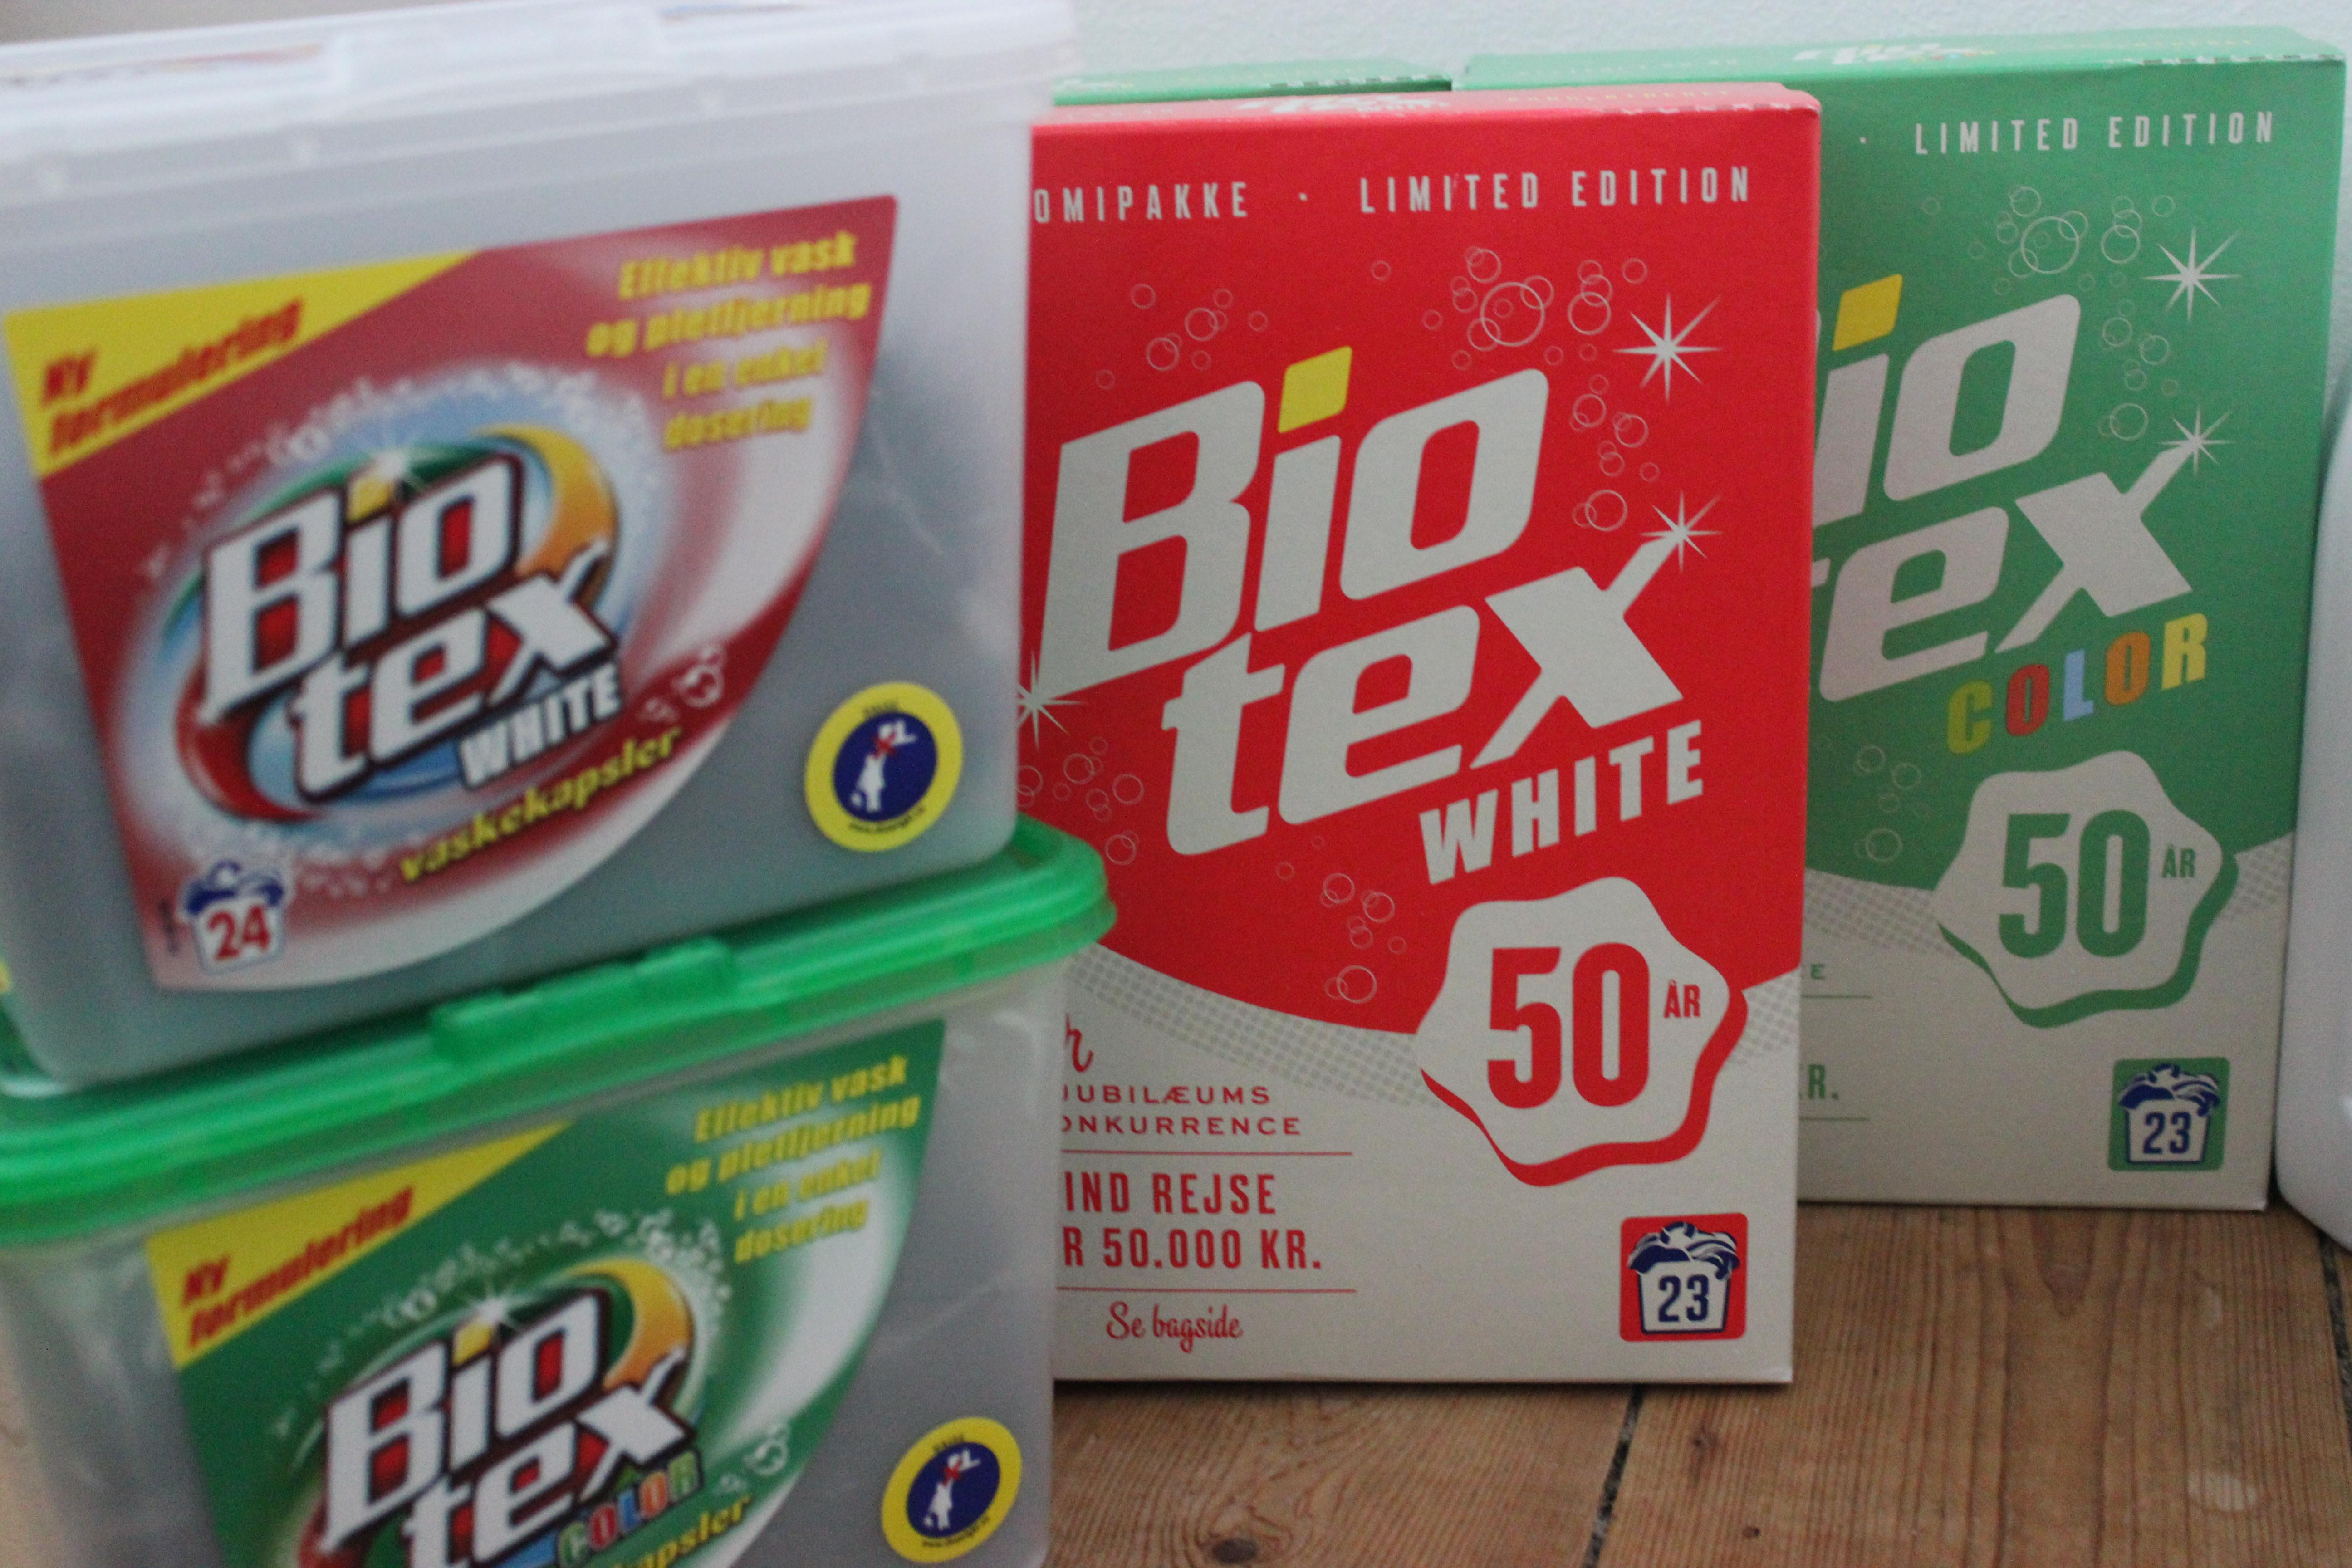 give away u2013 vind måneders forbrug af vaskepulver fra bio tex